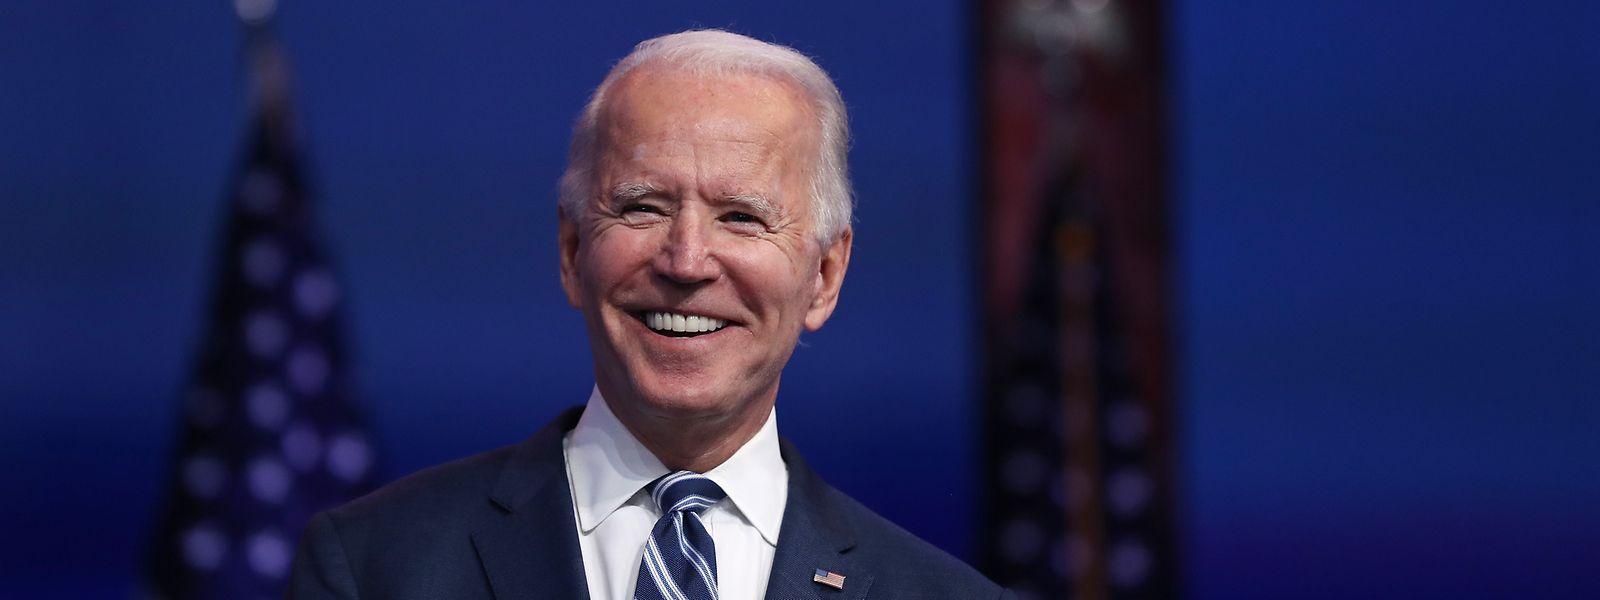 Joe Biden bei einer Rede in Wilmington, Delaware.